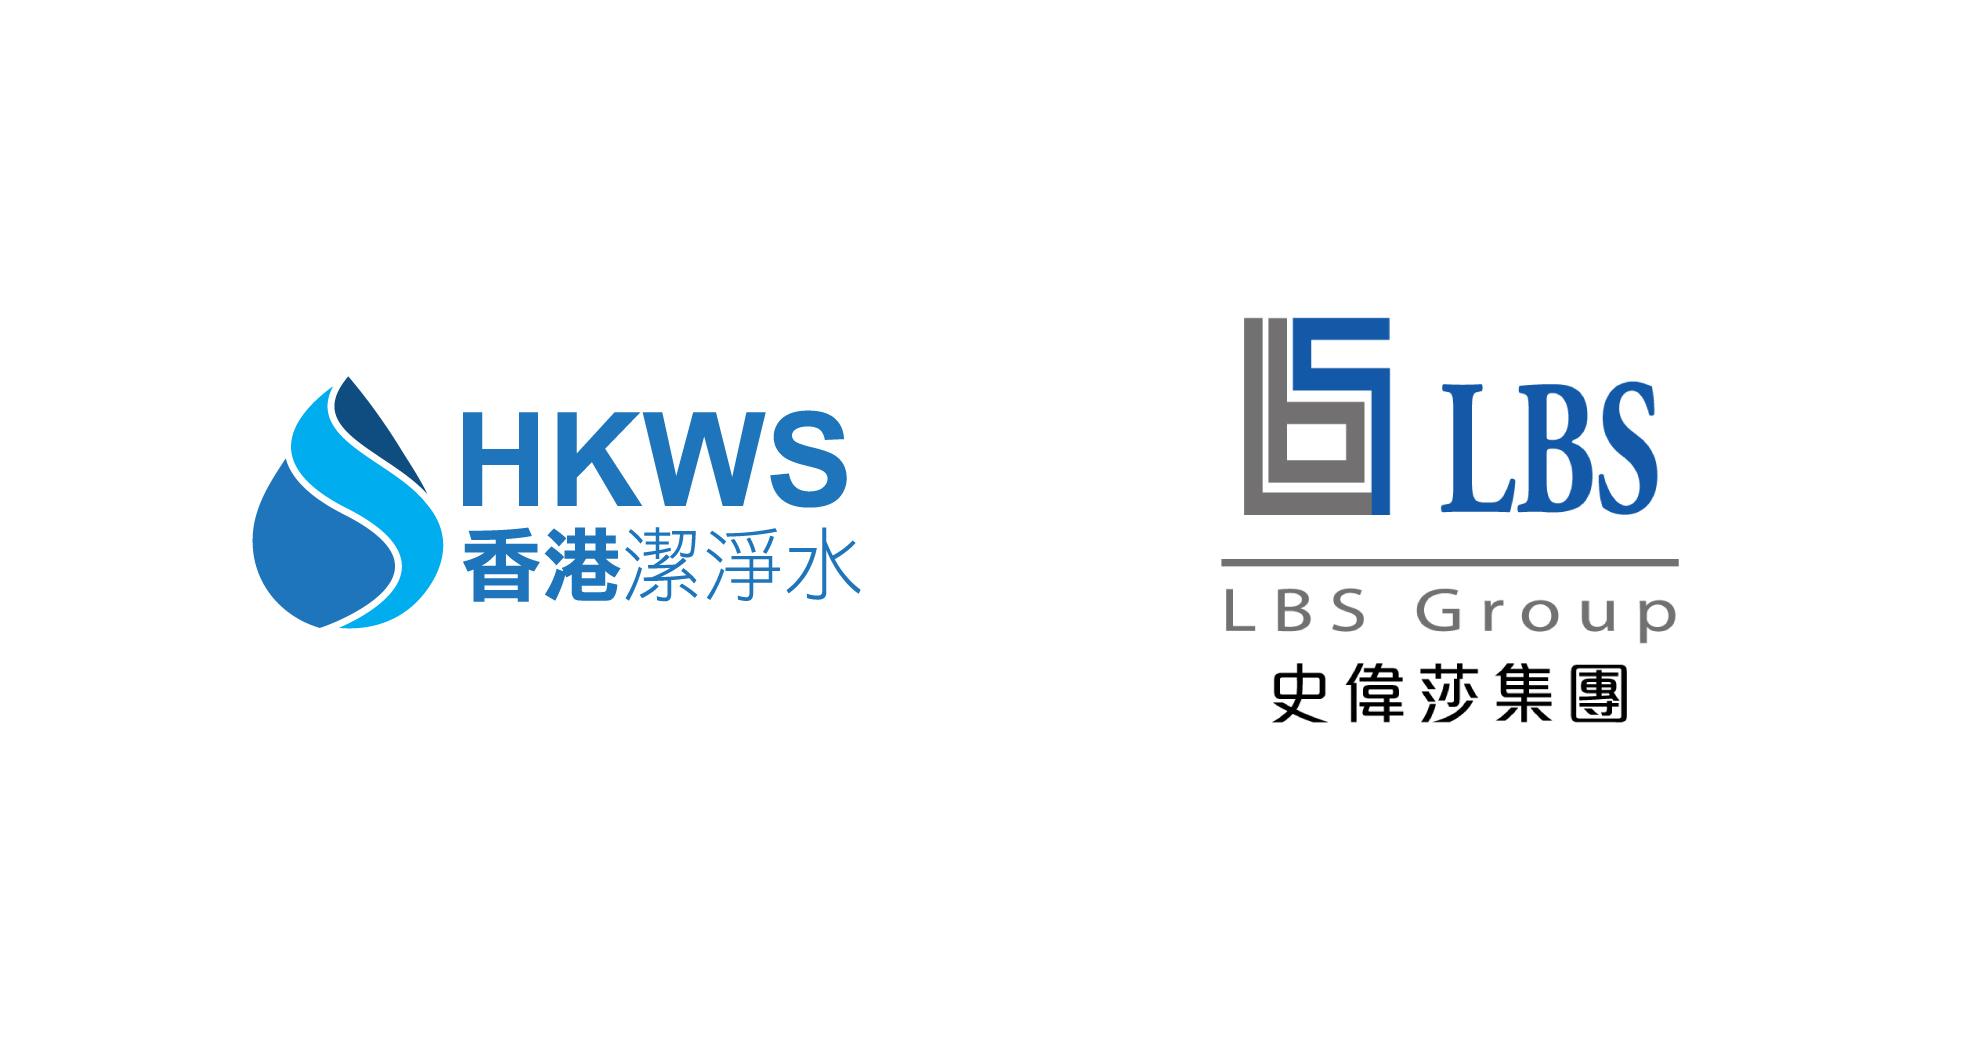 香港潔淨水有限公司正式成為香港史偉莎集團(LBS Group)旗下成員